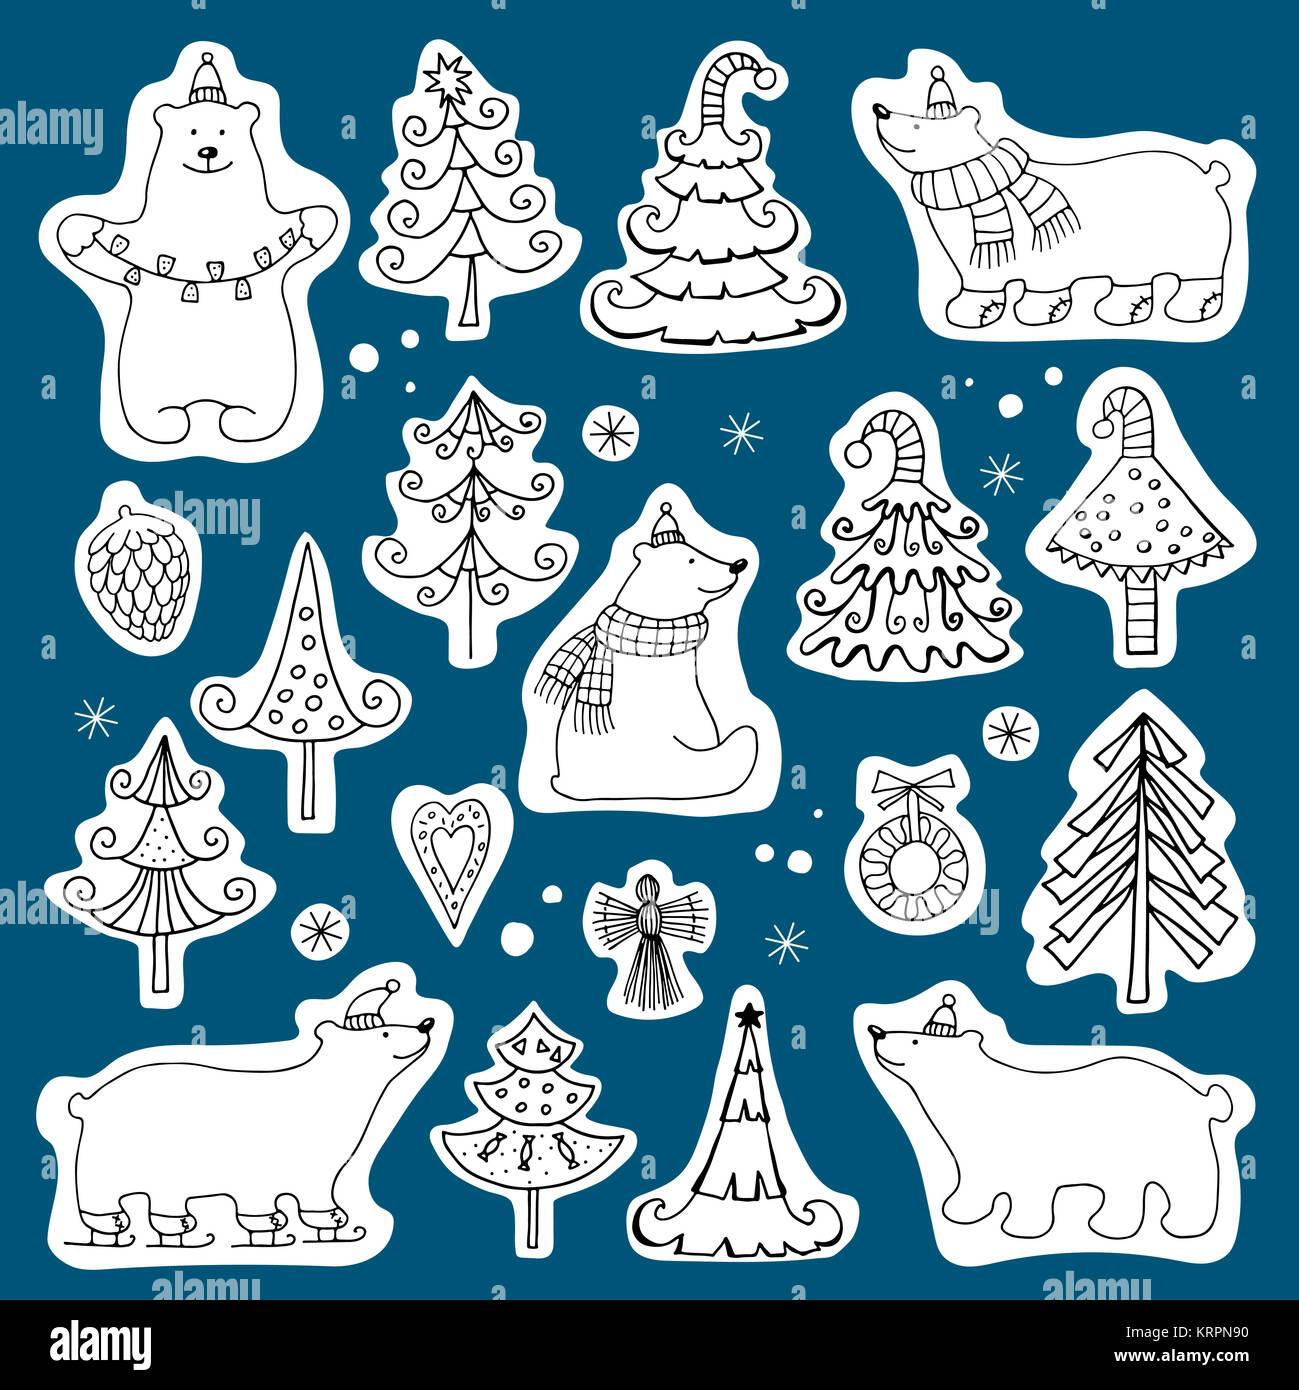 Ensemble d'icônes d'ours polaires et d'arbres de Noël Photo Stock